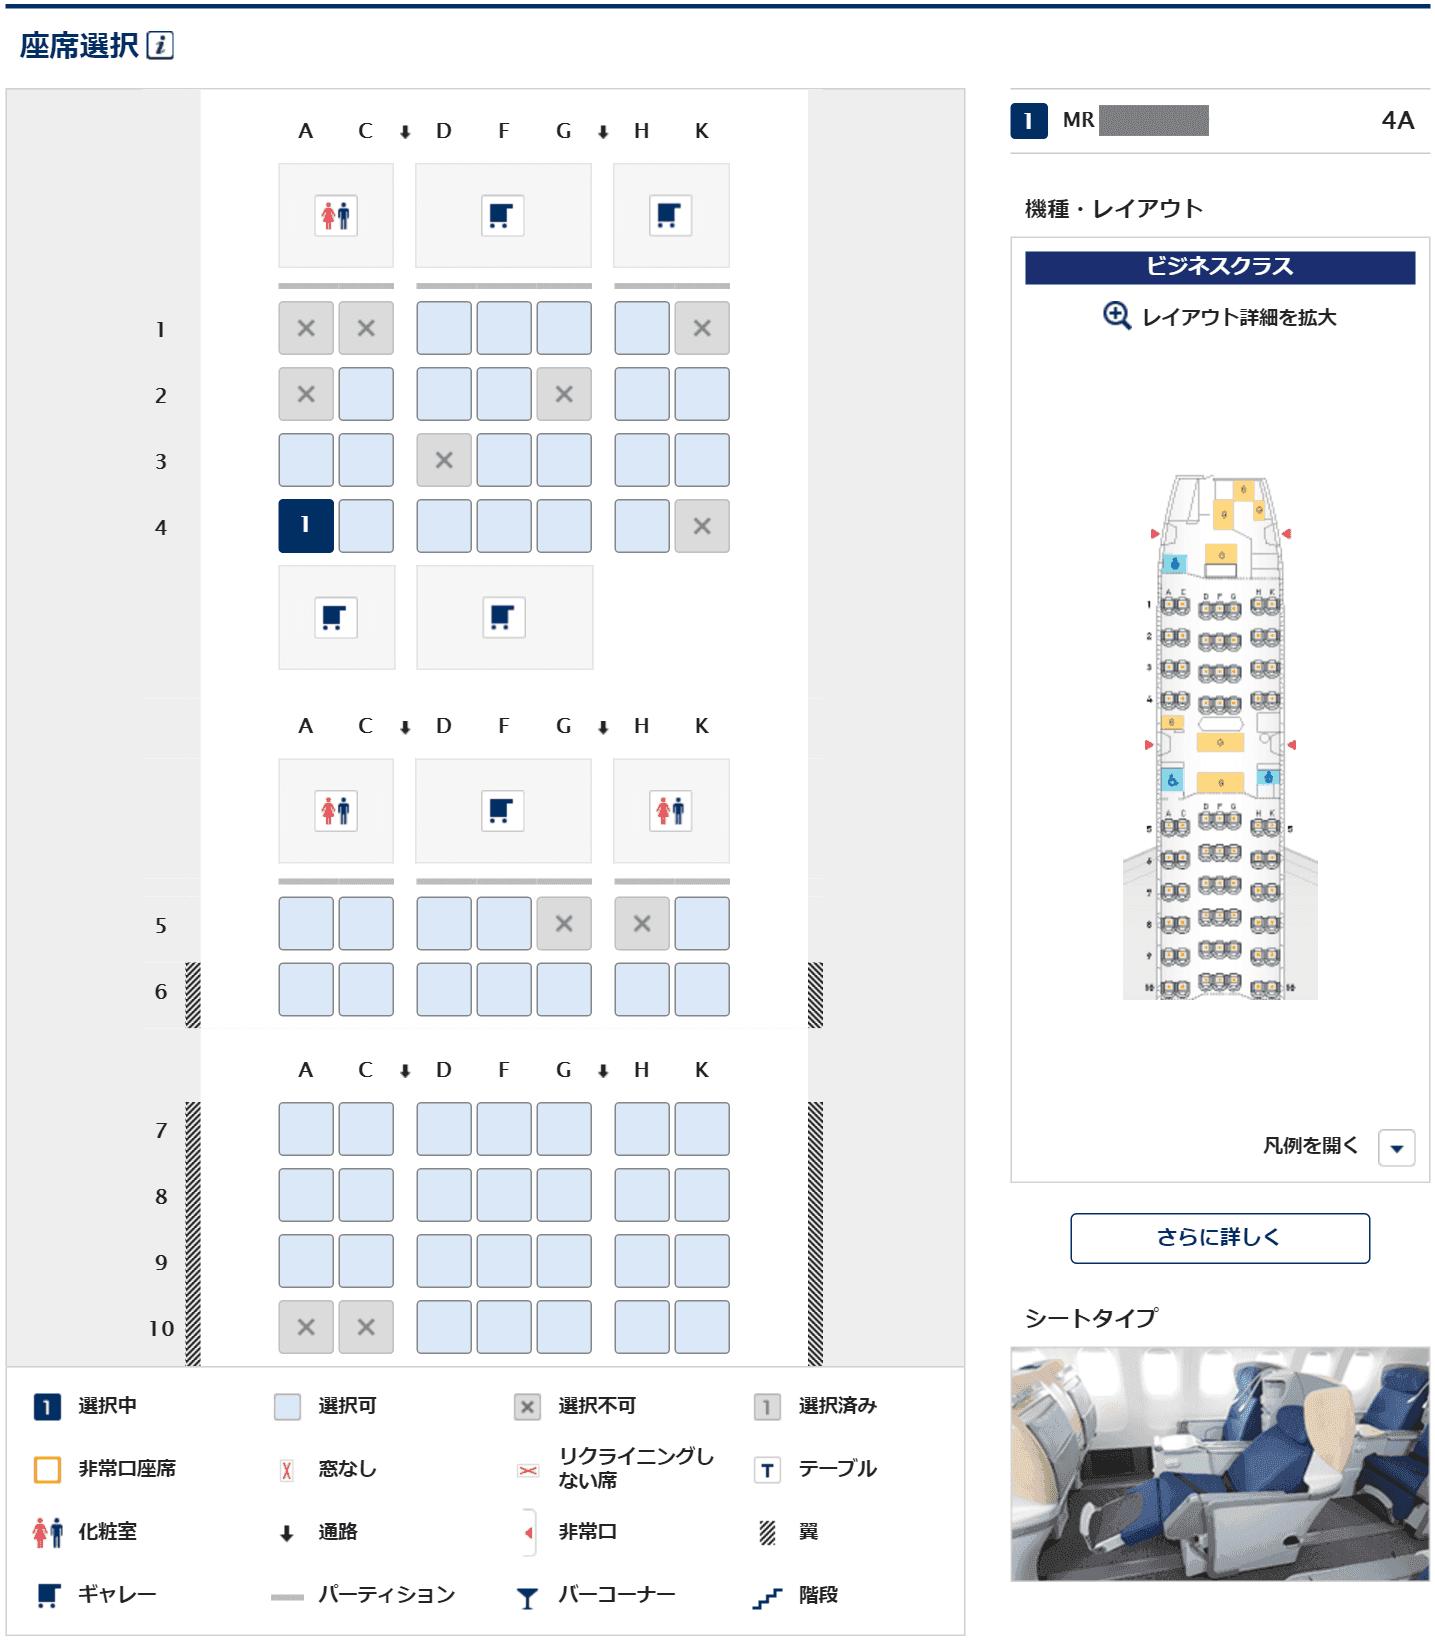 羽田-ソウルのANAビジネスクラス特典航空券